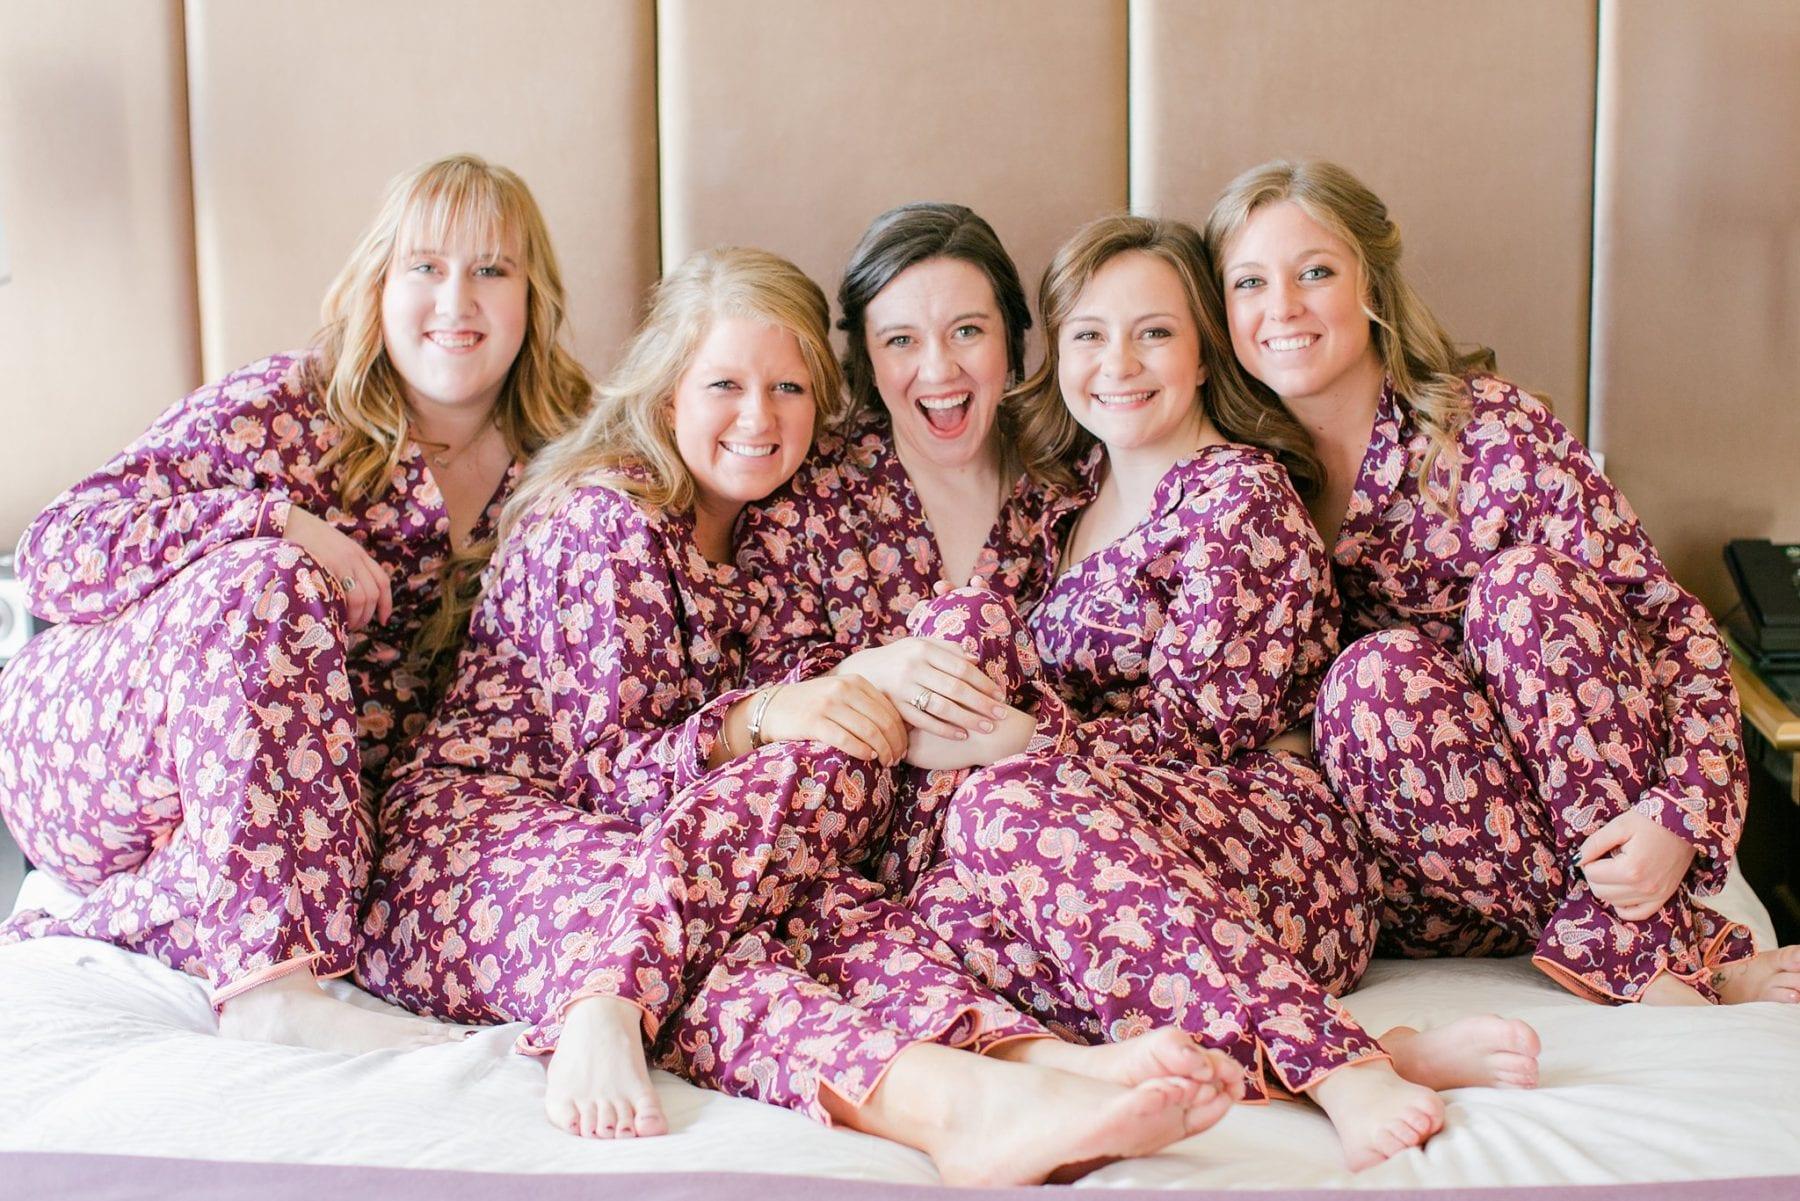 Hotel Monaco Washington DC Wedding Photos Megan Kelsey Photography Erin & Mike -25